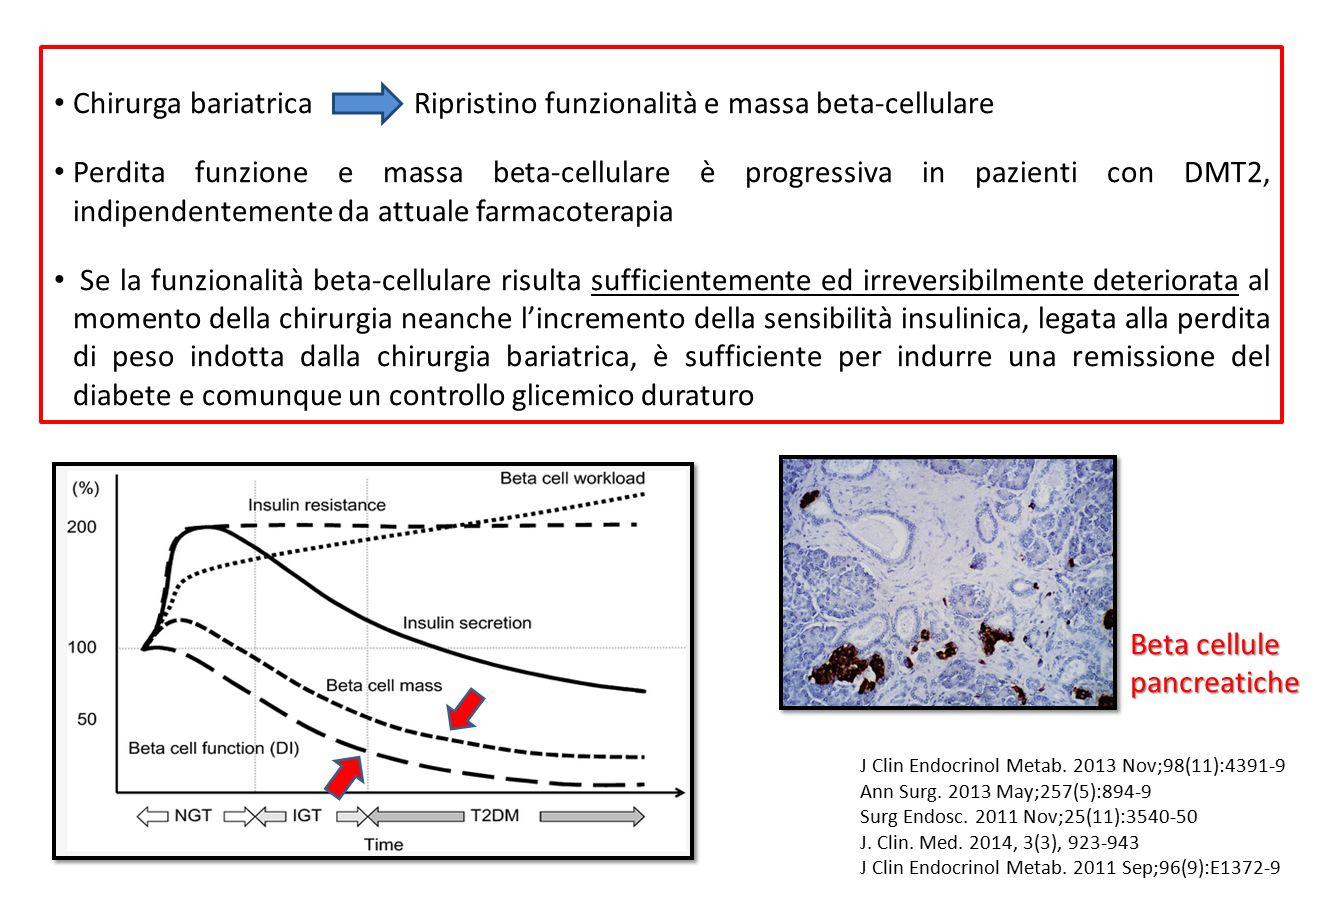 Chirurga bariatrica Ripristino funzionalità e massa beta-cellulare Perdita funzione e massa beta-cellulare è progressiva in pazienti con DMT2, indipen